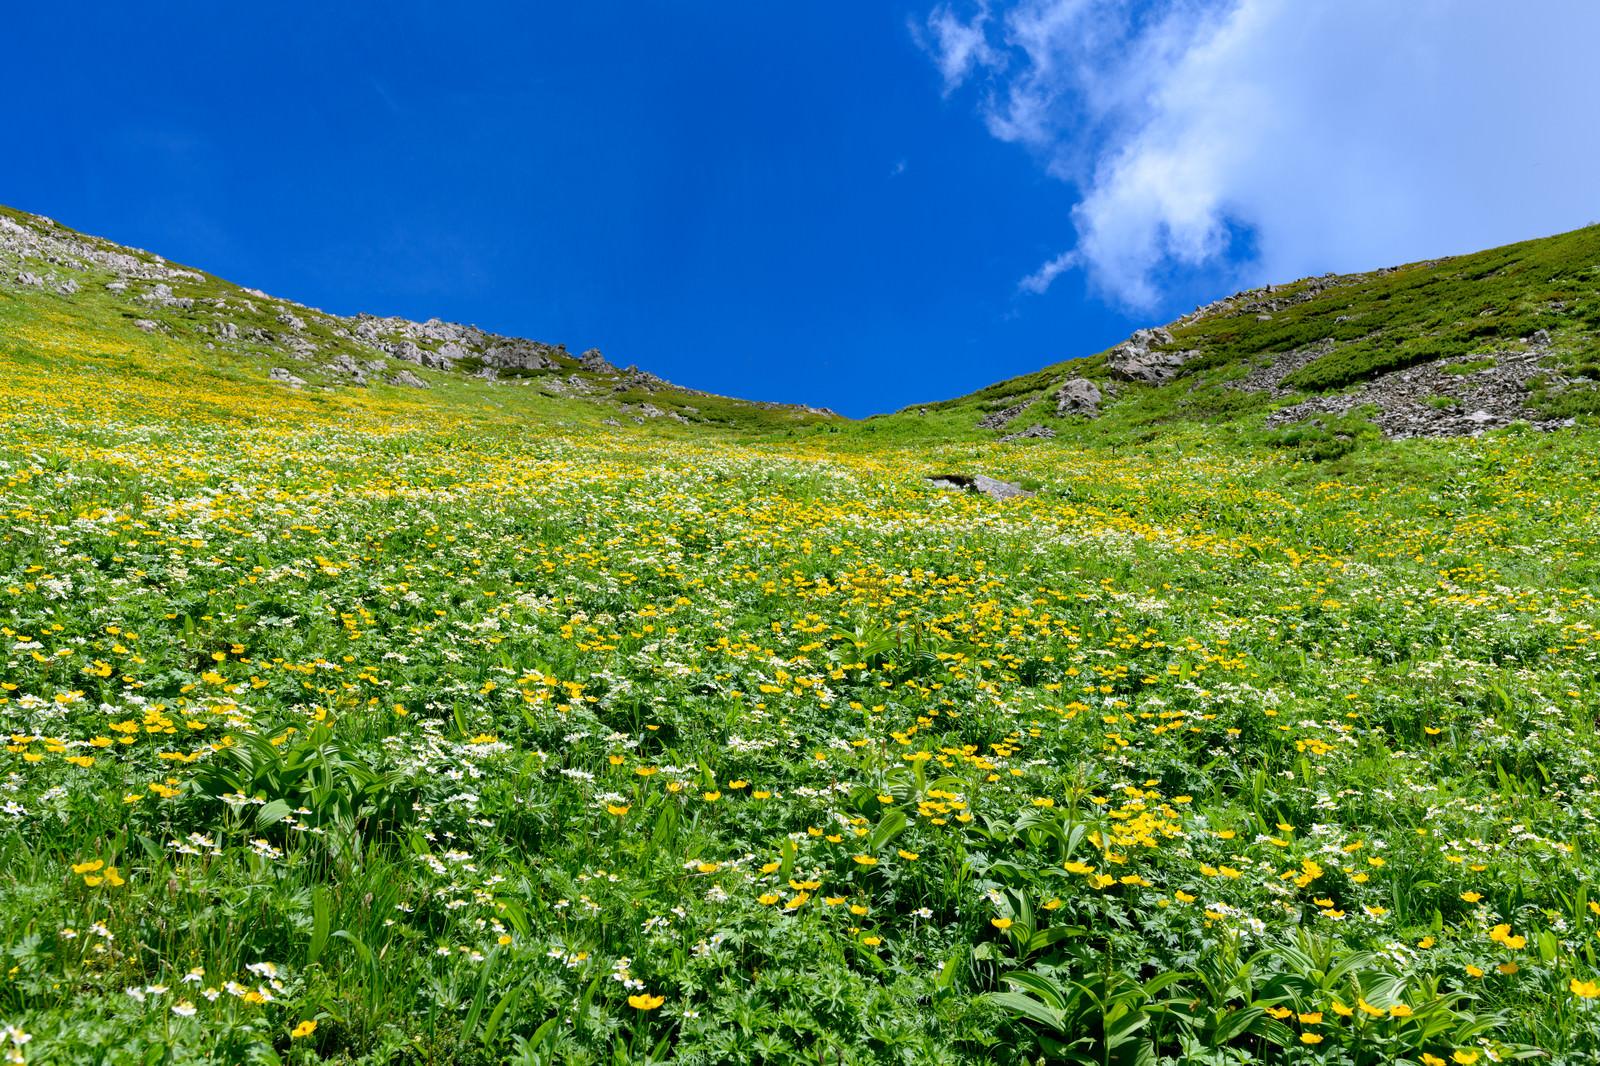 「悪沢岳のお花畑(南アルプス)」の写真